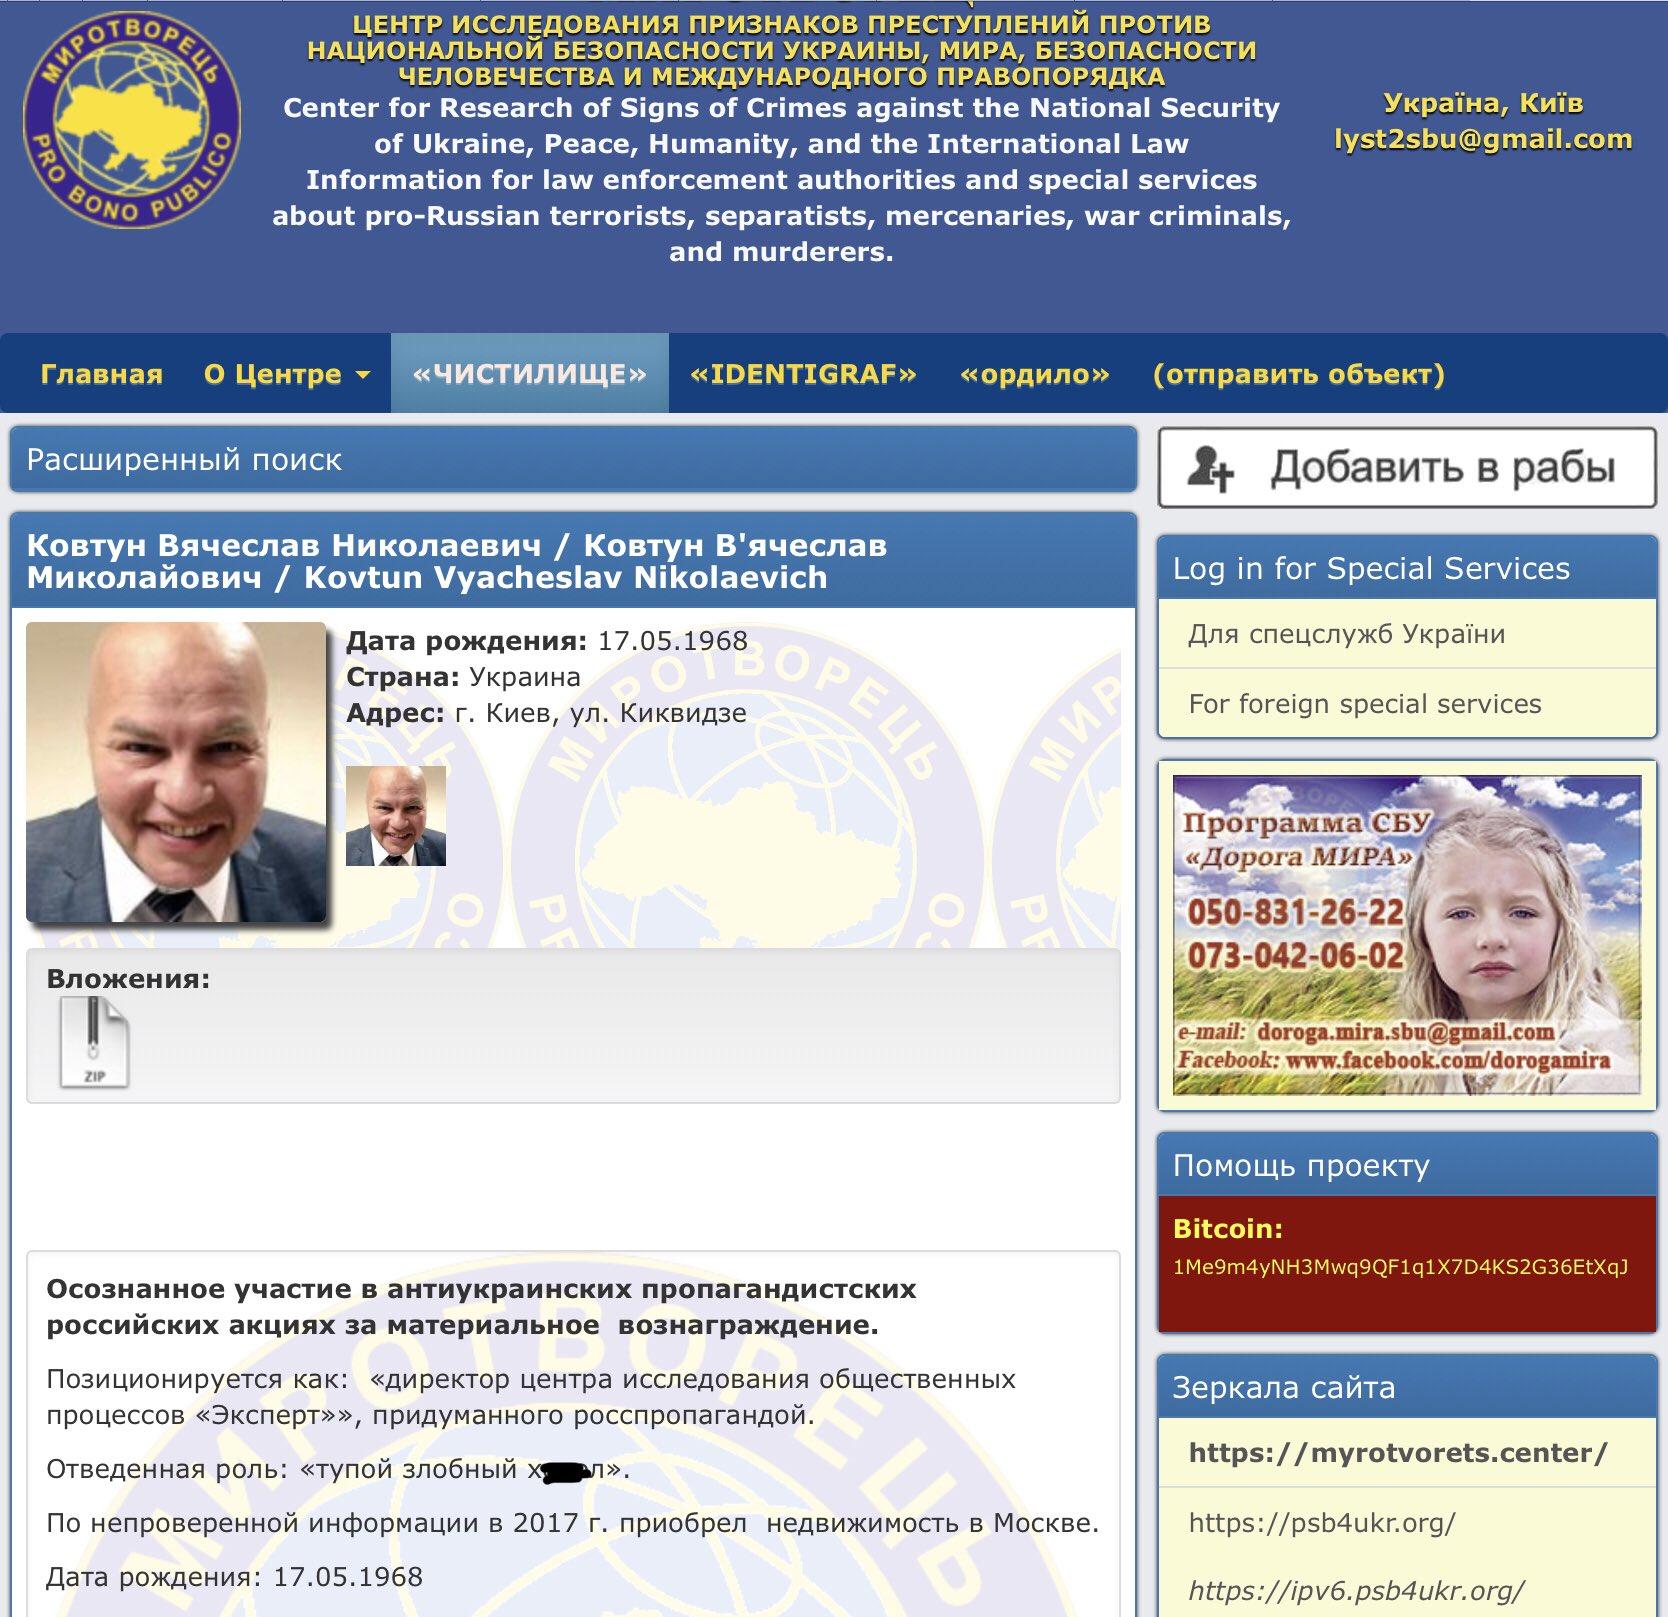 """Украинский эксперт Ковтун попал в базу данных сайта """"Миротворец"""""""